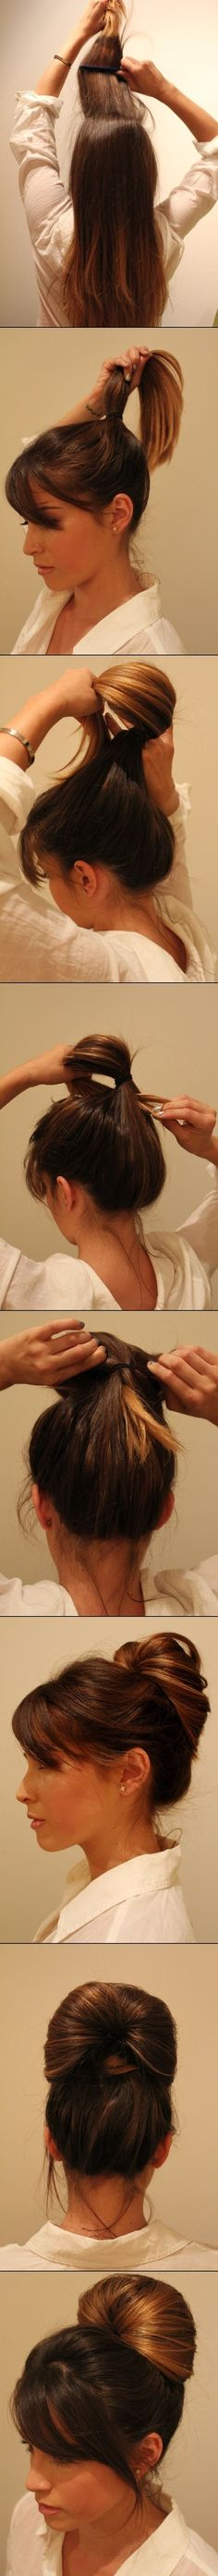 Selecionamos 10 maneiras rápidas e fáceis de arrumar o cabelo. Veja: